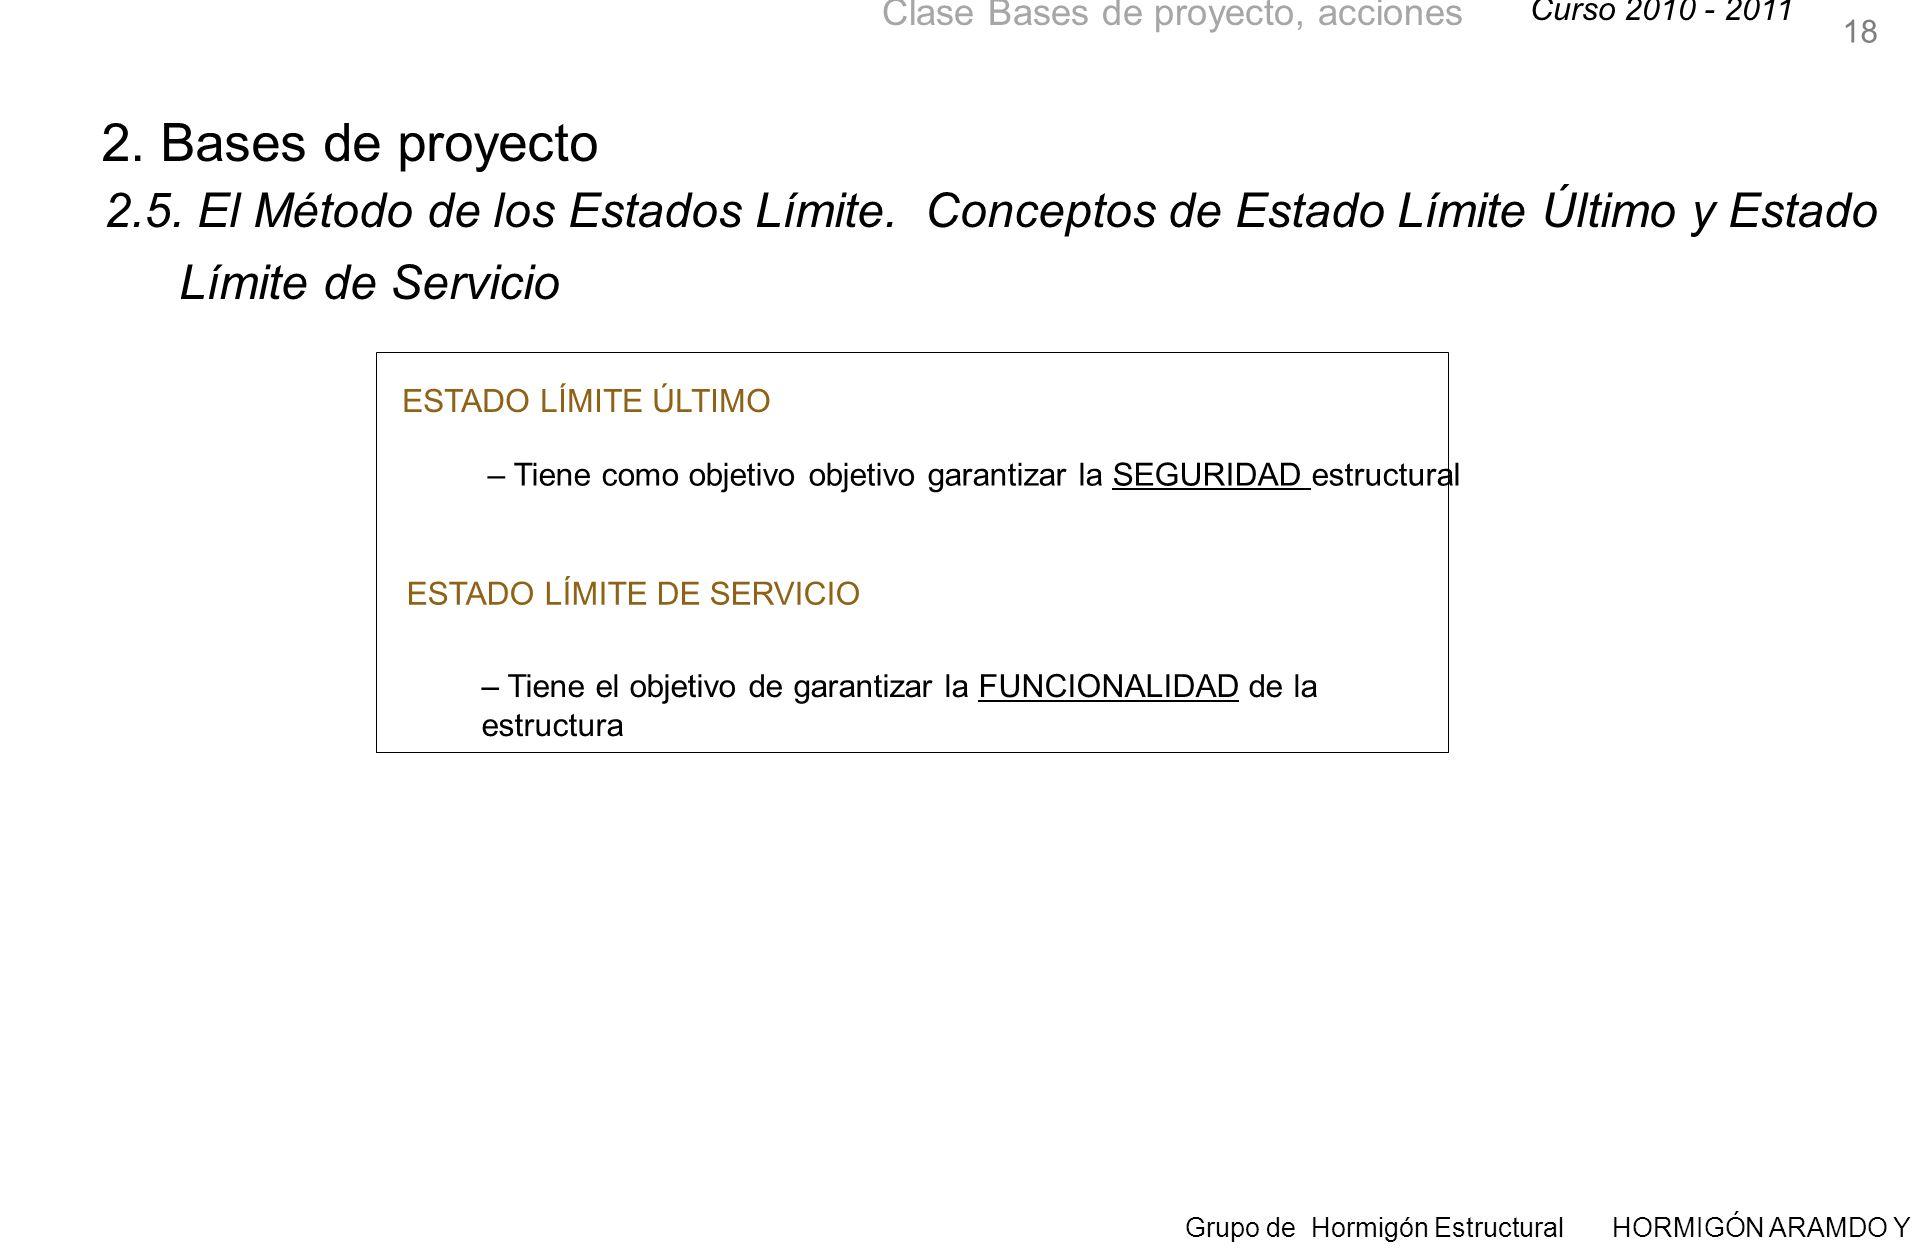 Curso 2010 - 2011 Grupo de Hormigón Estructural HORMIGÓN ARAMDO Y PRETENSADO II Clase Bases de proyecto, acciones 18 2.5.